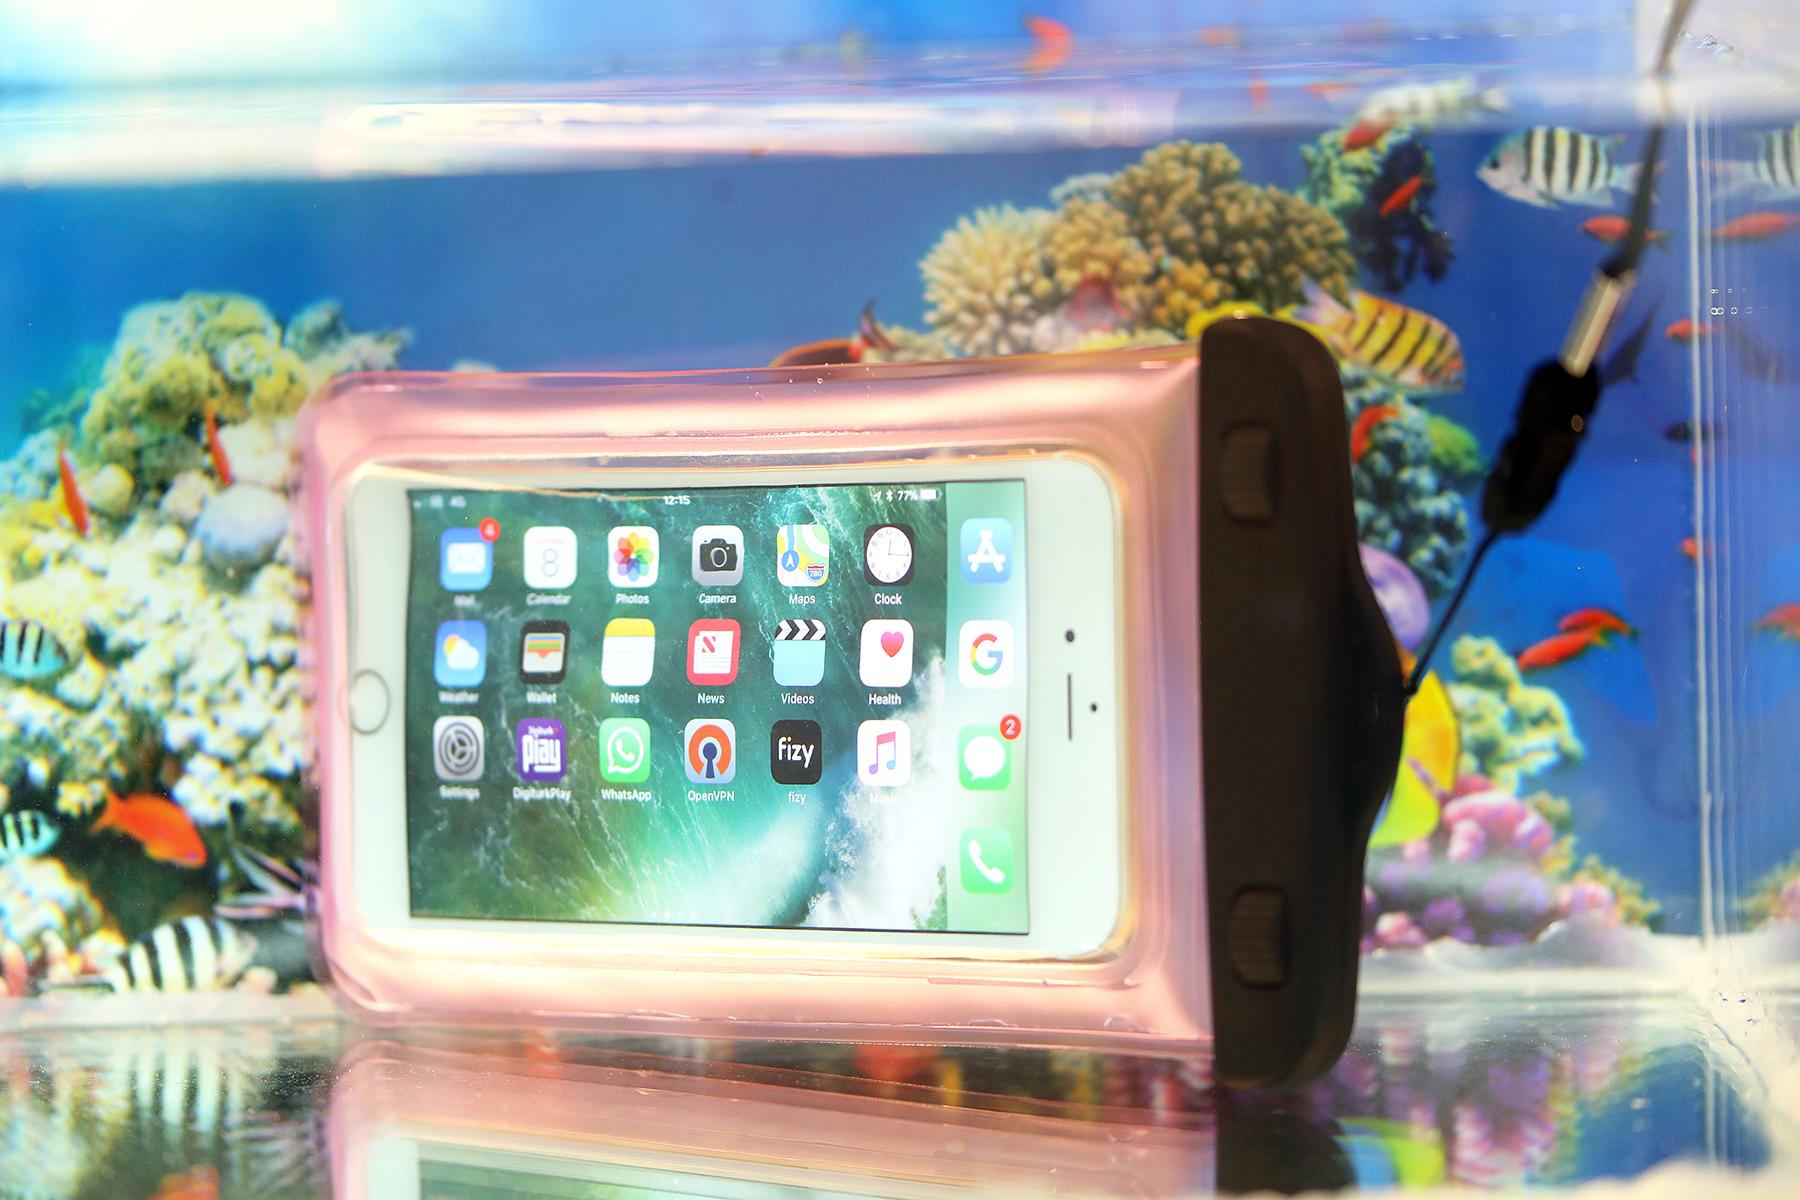 100 x Mix colour Waterproof Aqua Splash Pouch Case